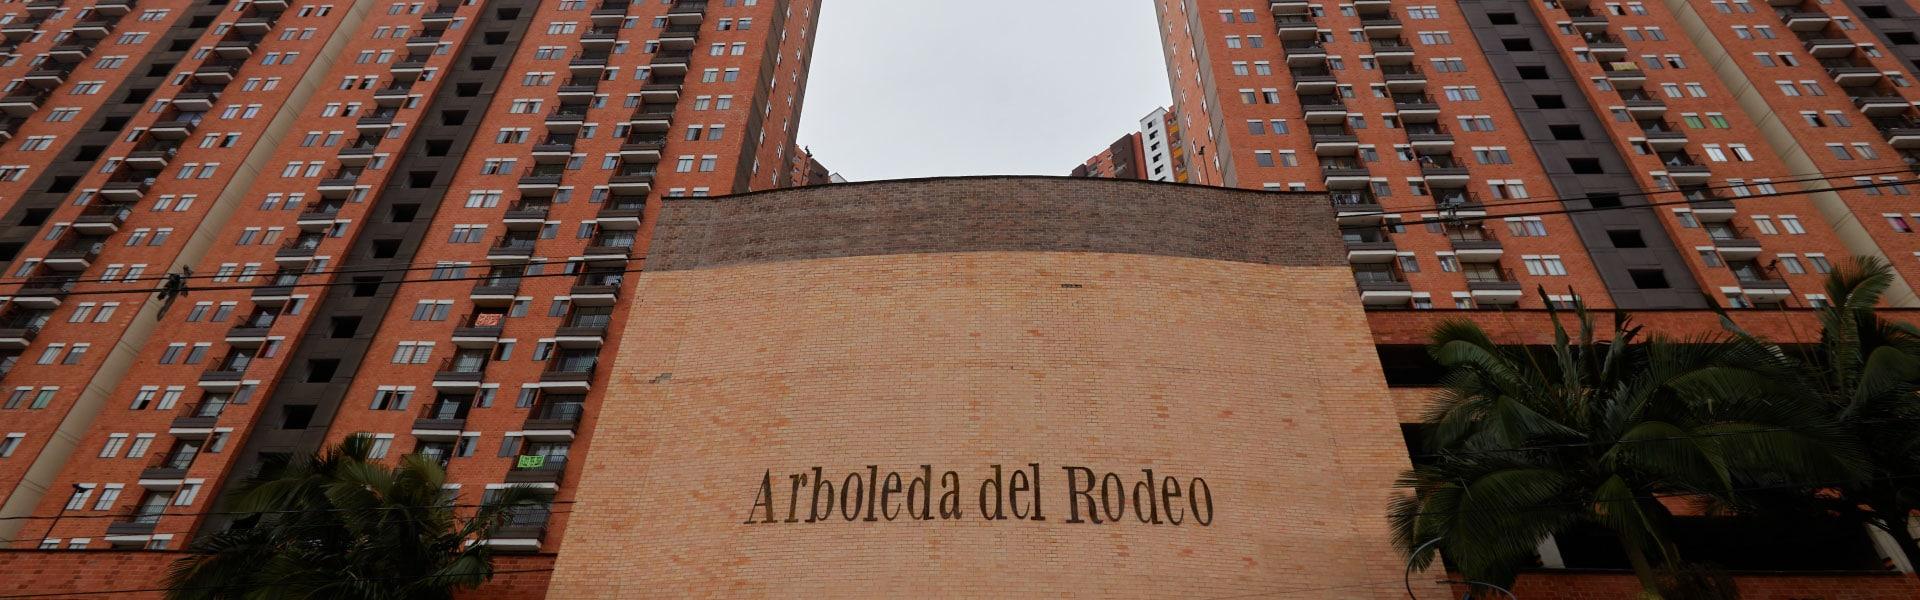 Arboleda del Rodeo 1920